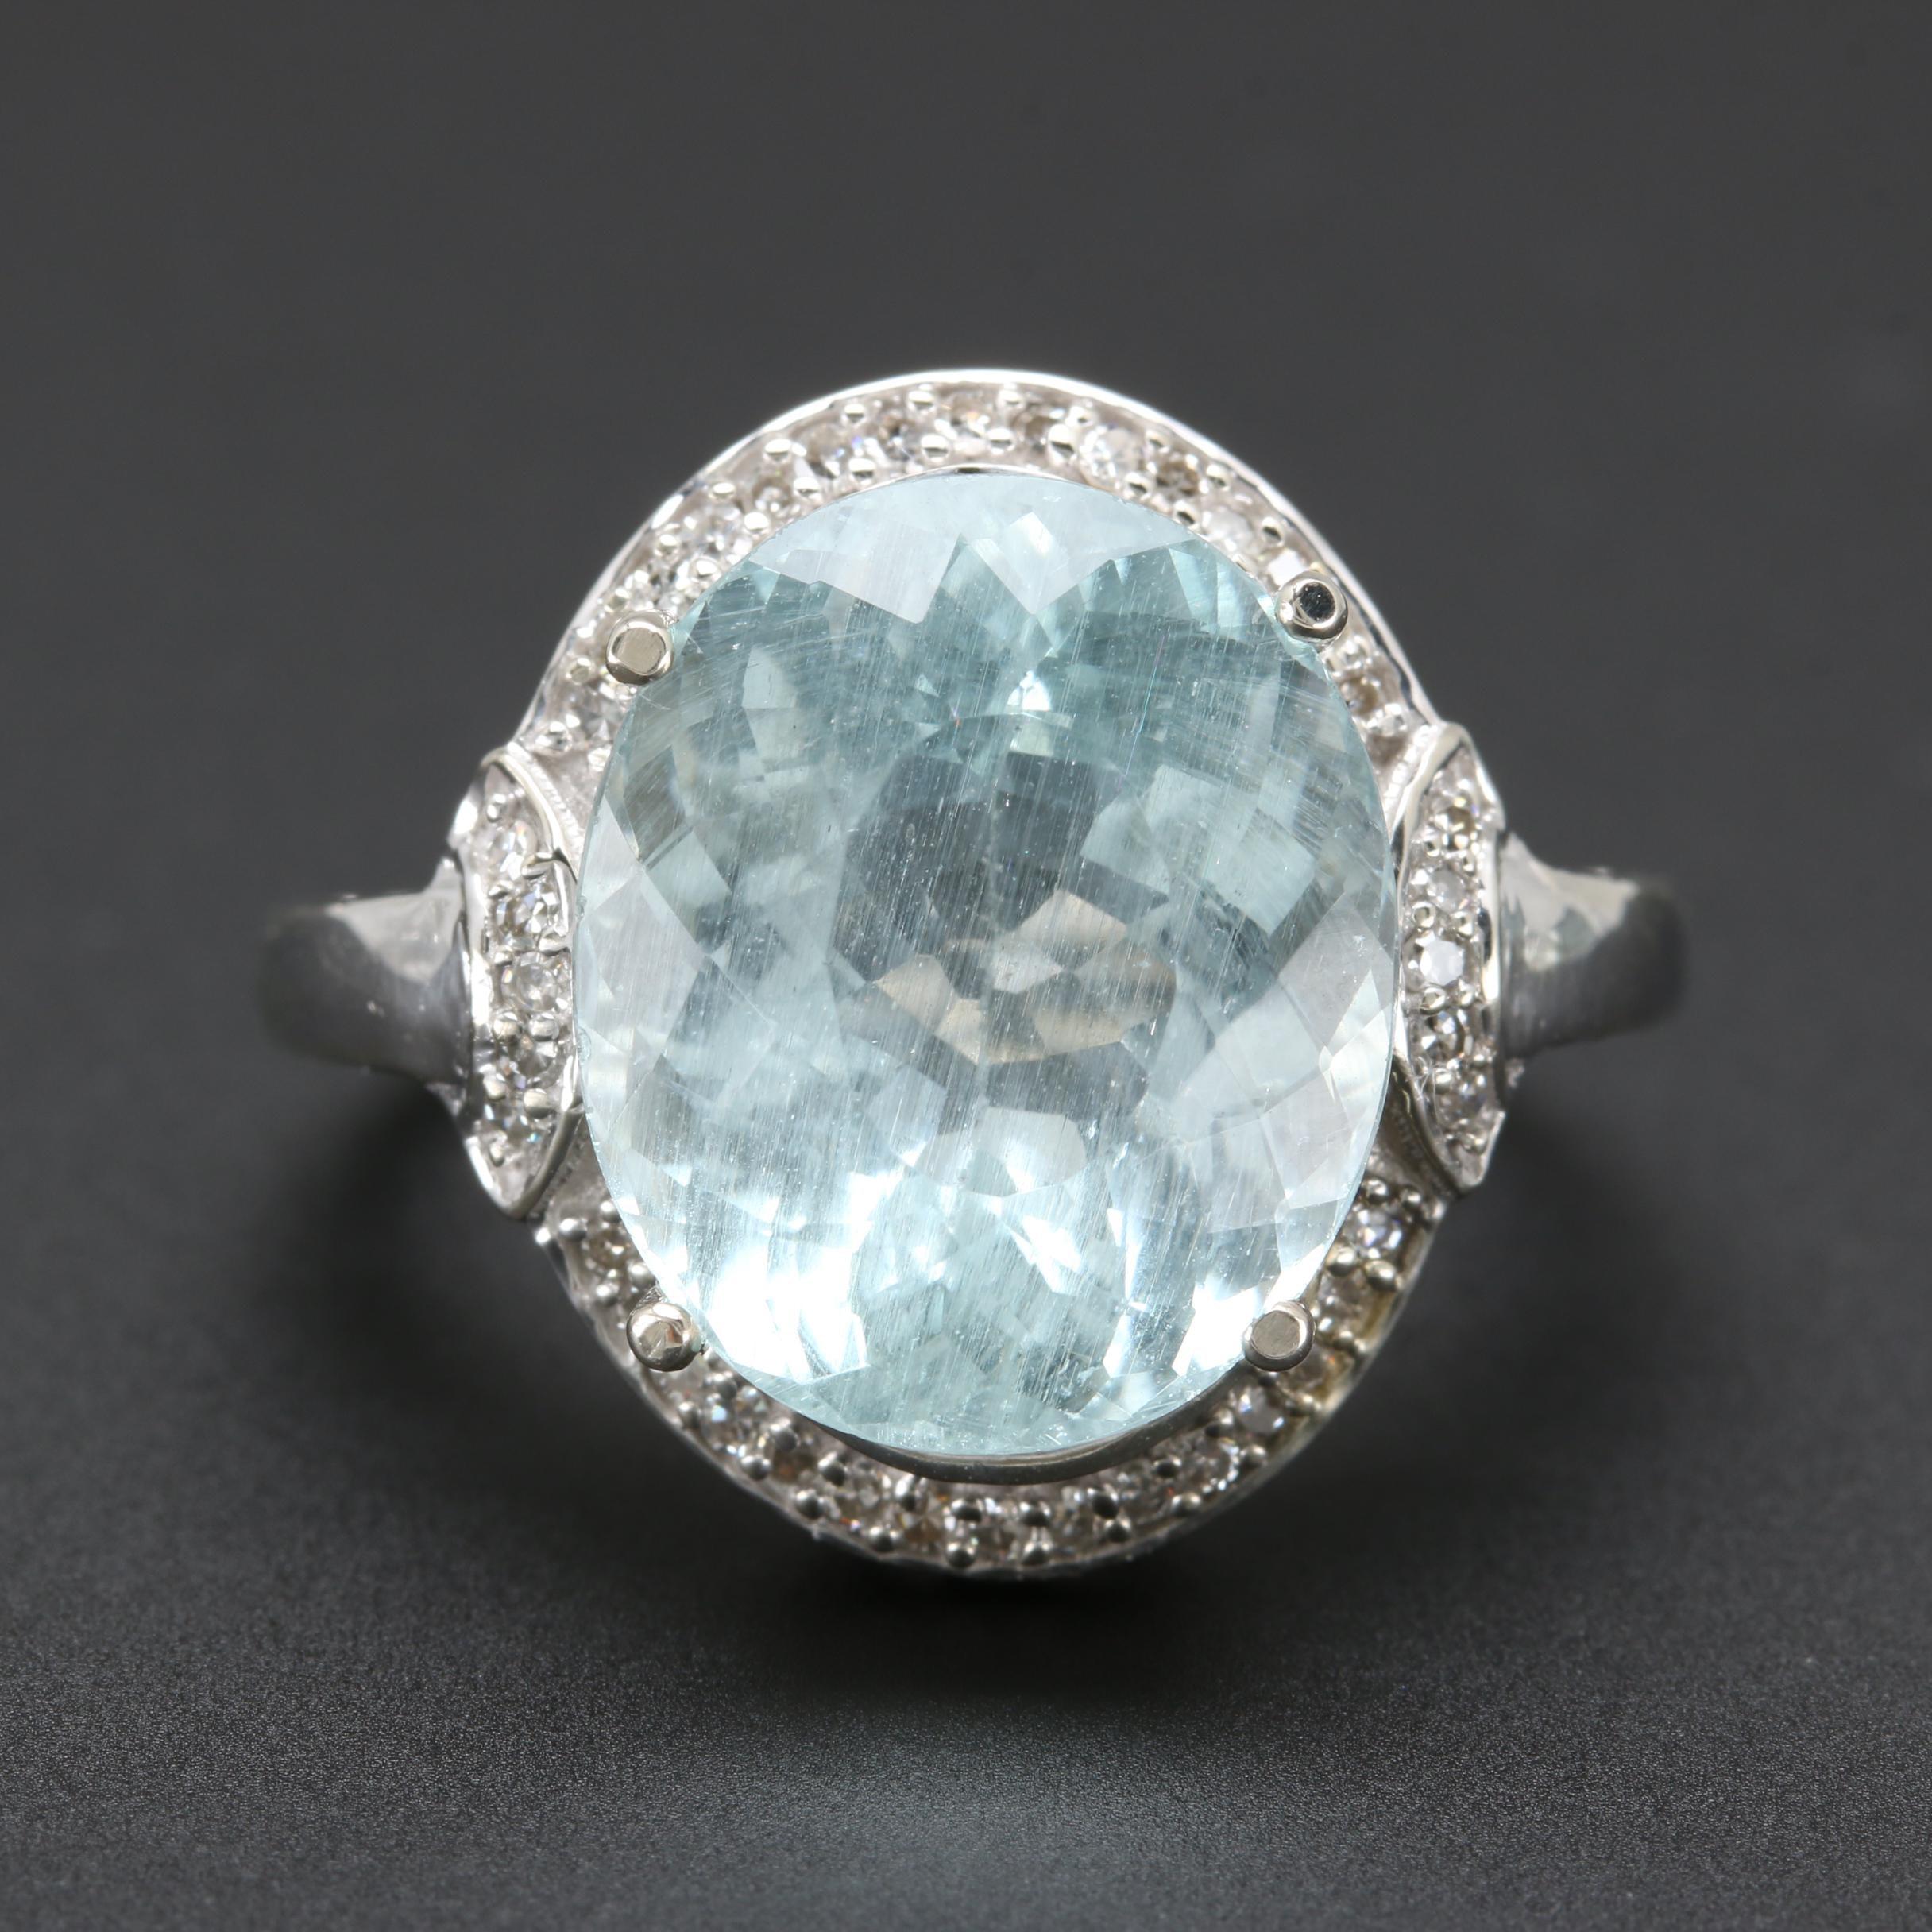 10K White Gold 8.23 CT Aquamarine and Diamond Ring